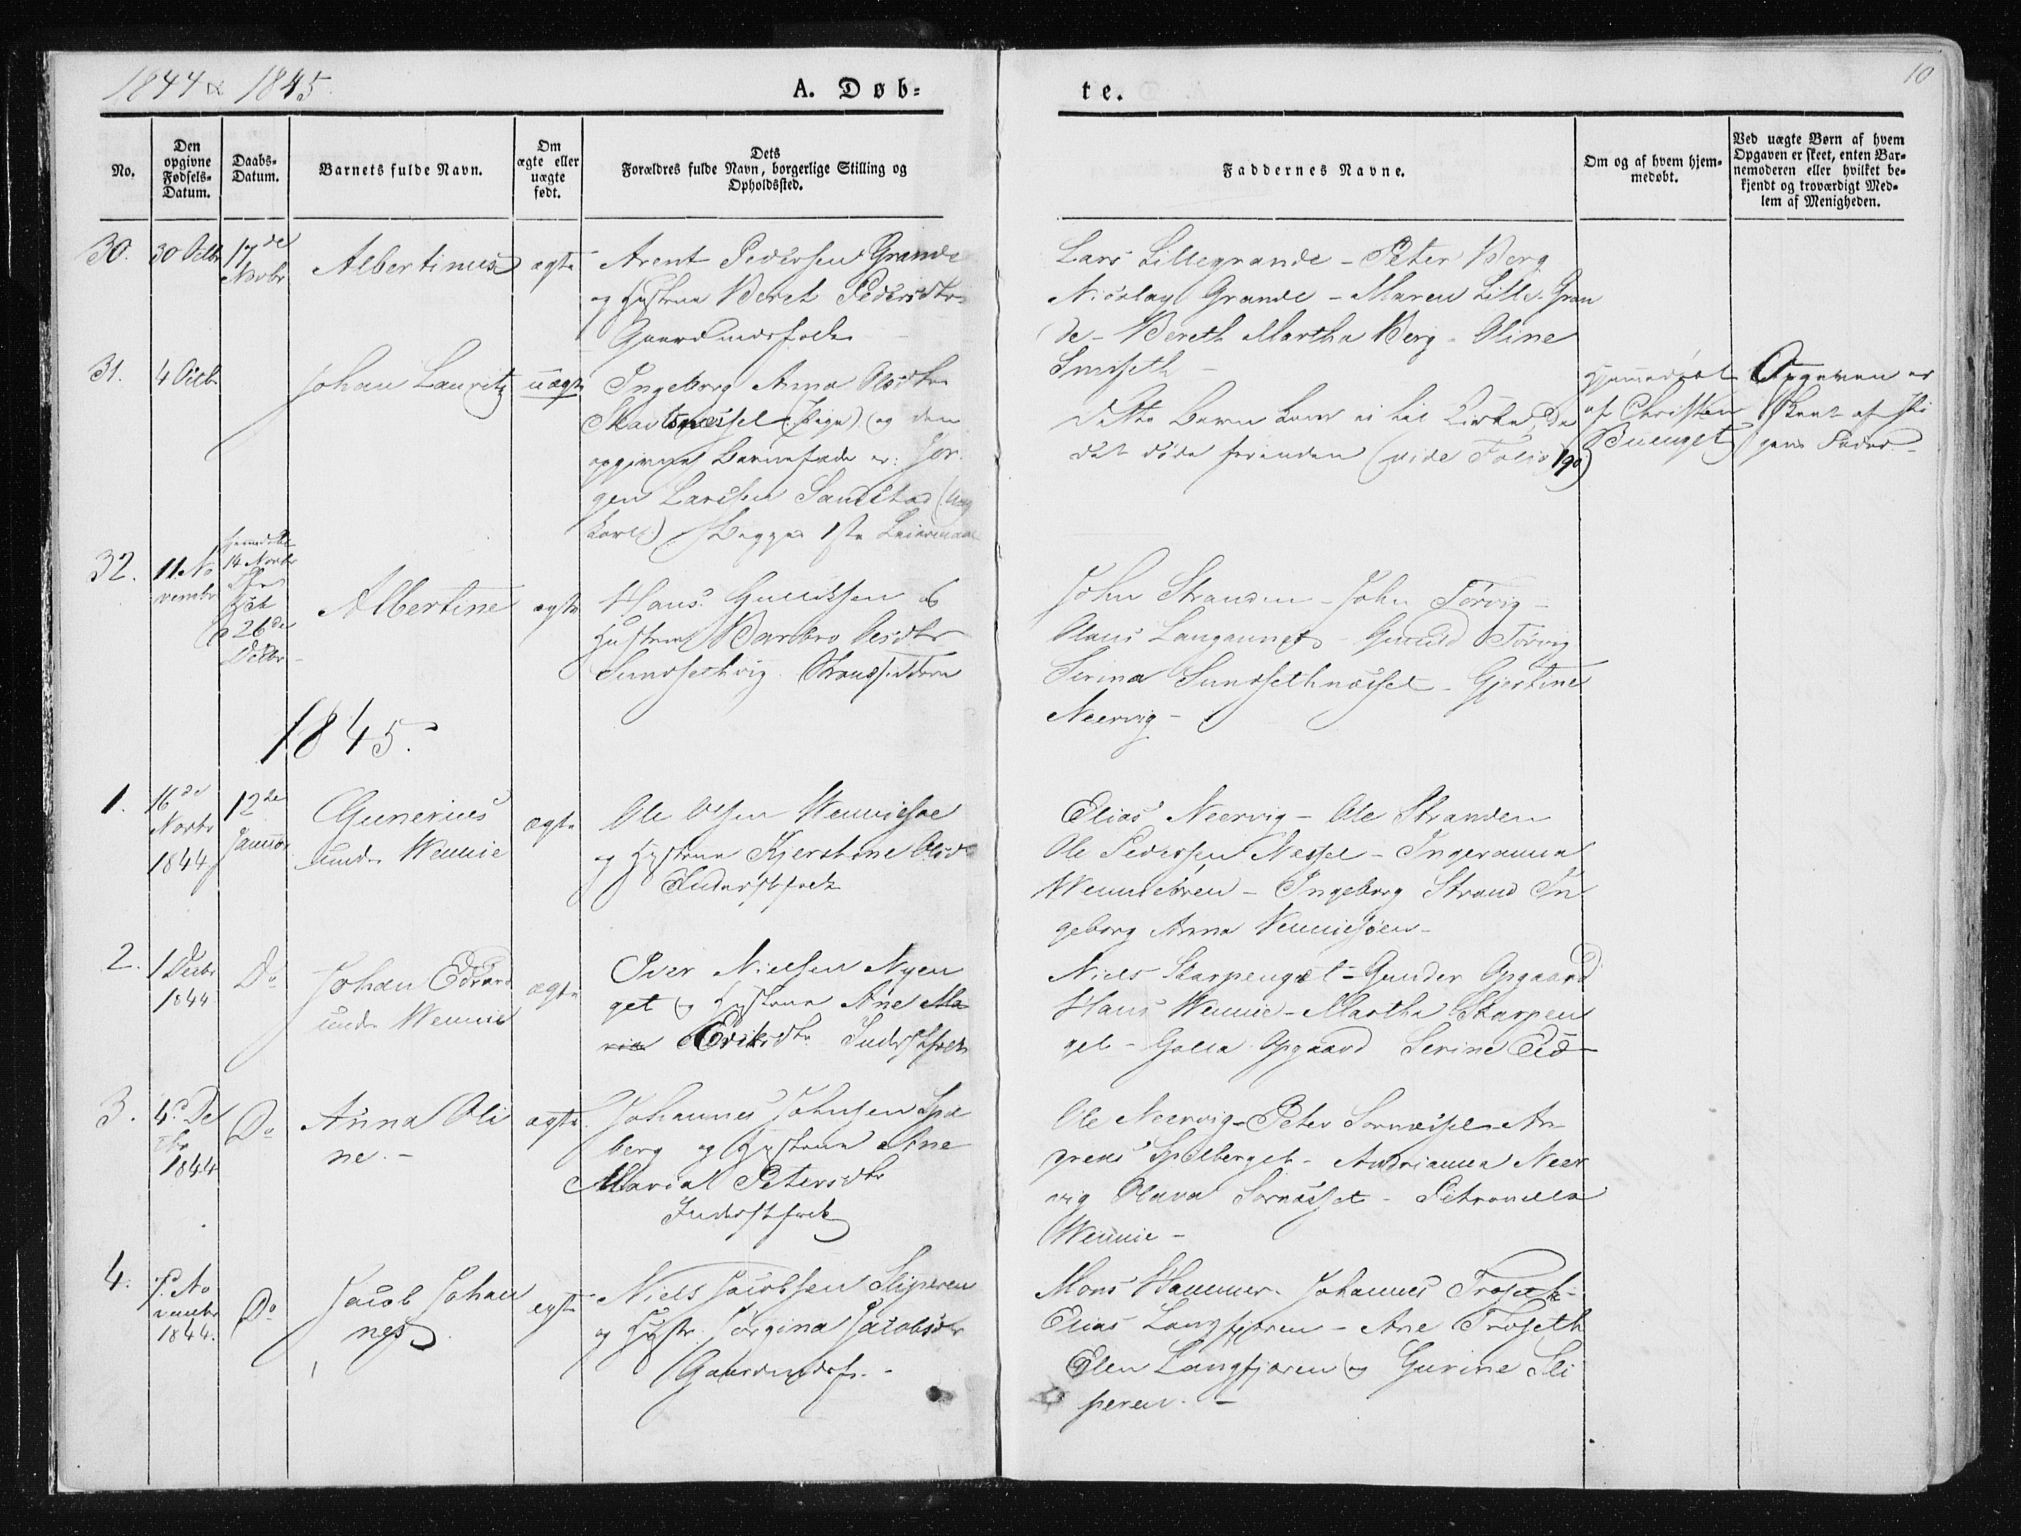 SAT, Ministerialprotokoller, klokkerbøker og fødselsregistre - Nord-Trøndelag, 733/L0323: Ministerialbok nr. 733A02, 1843-1870, s. 10